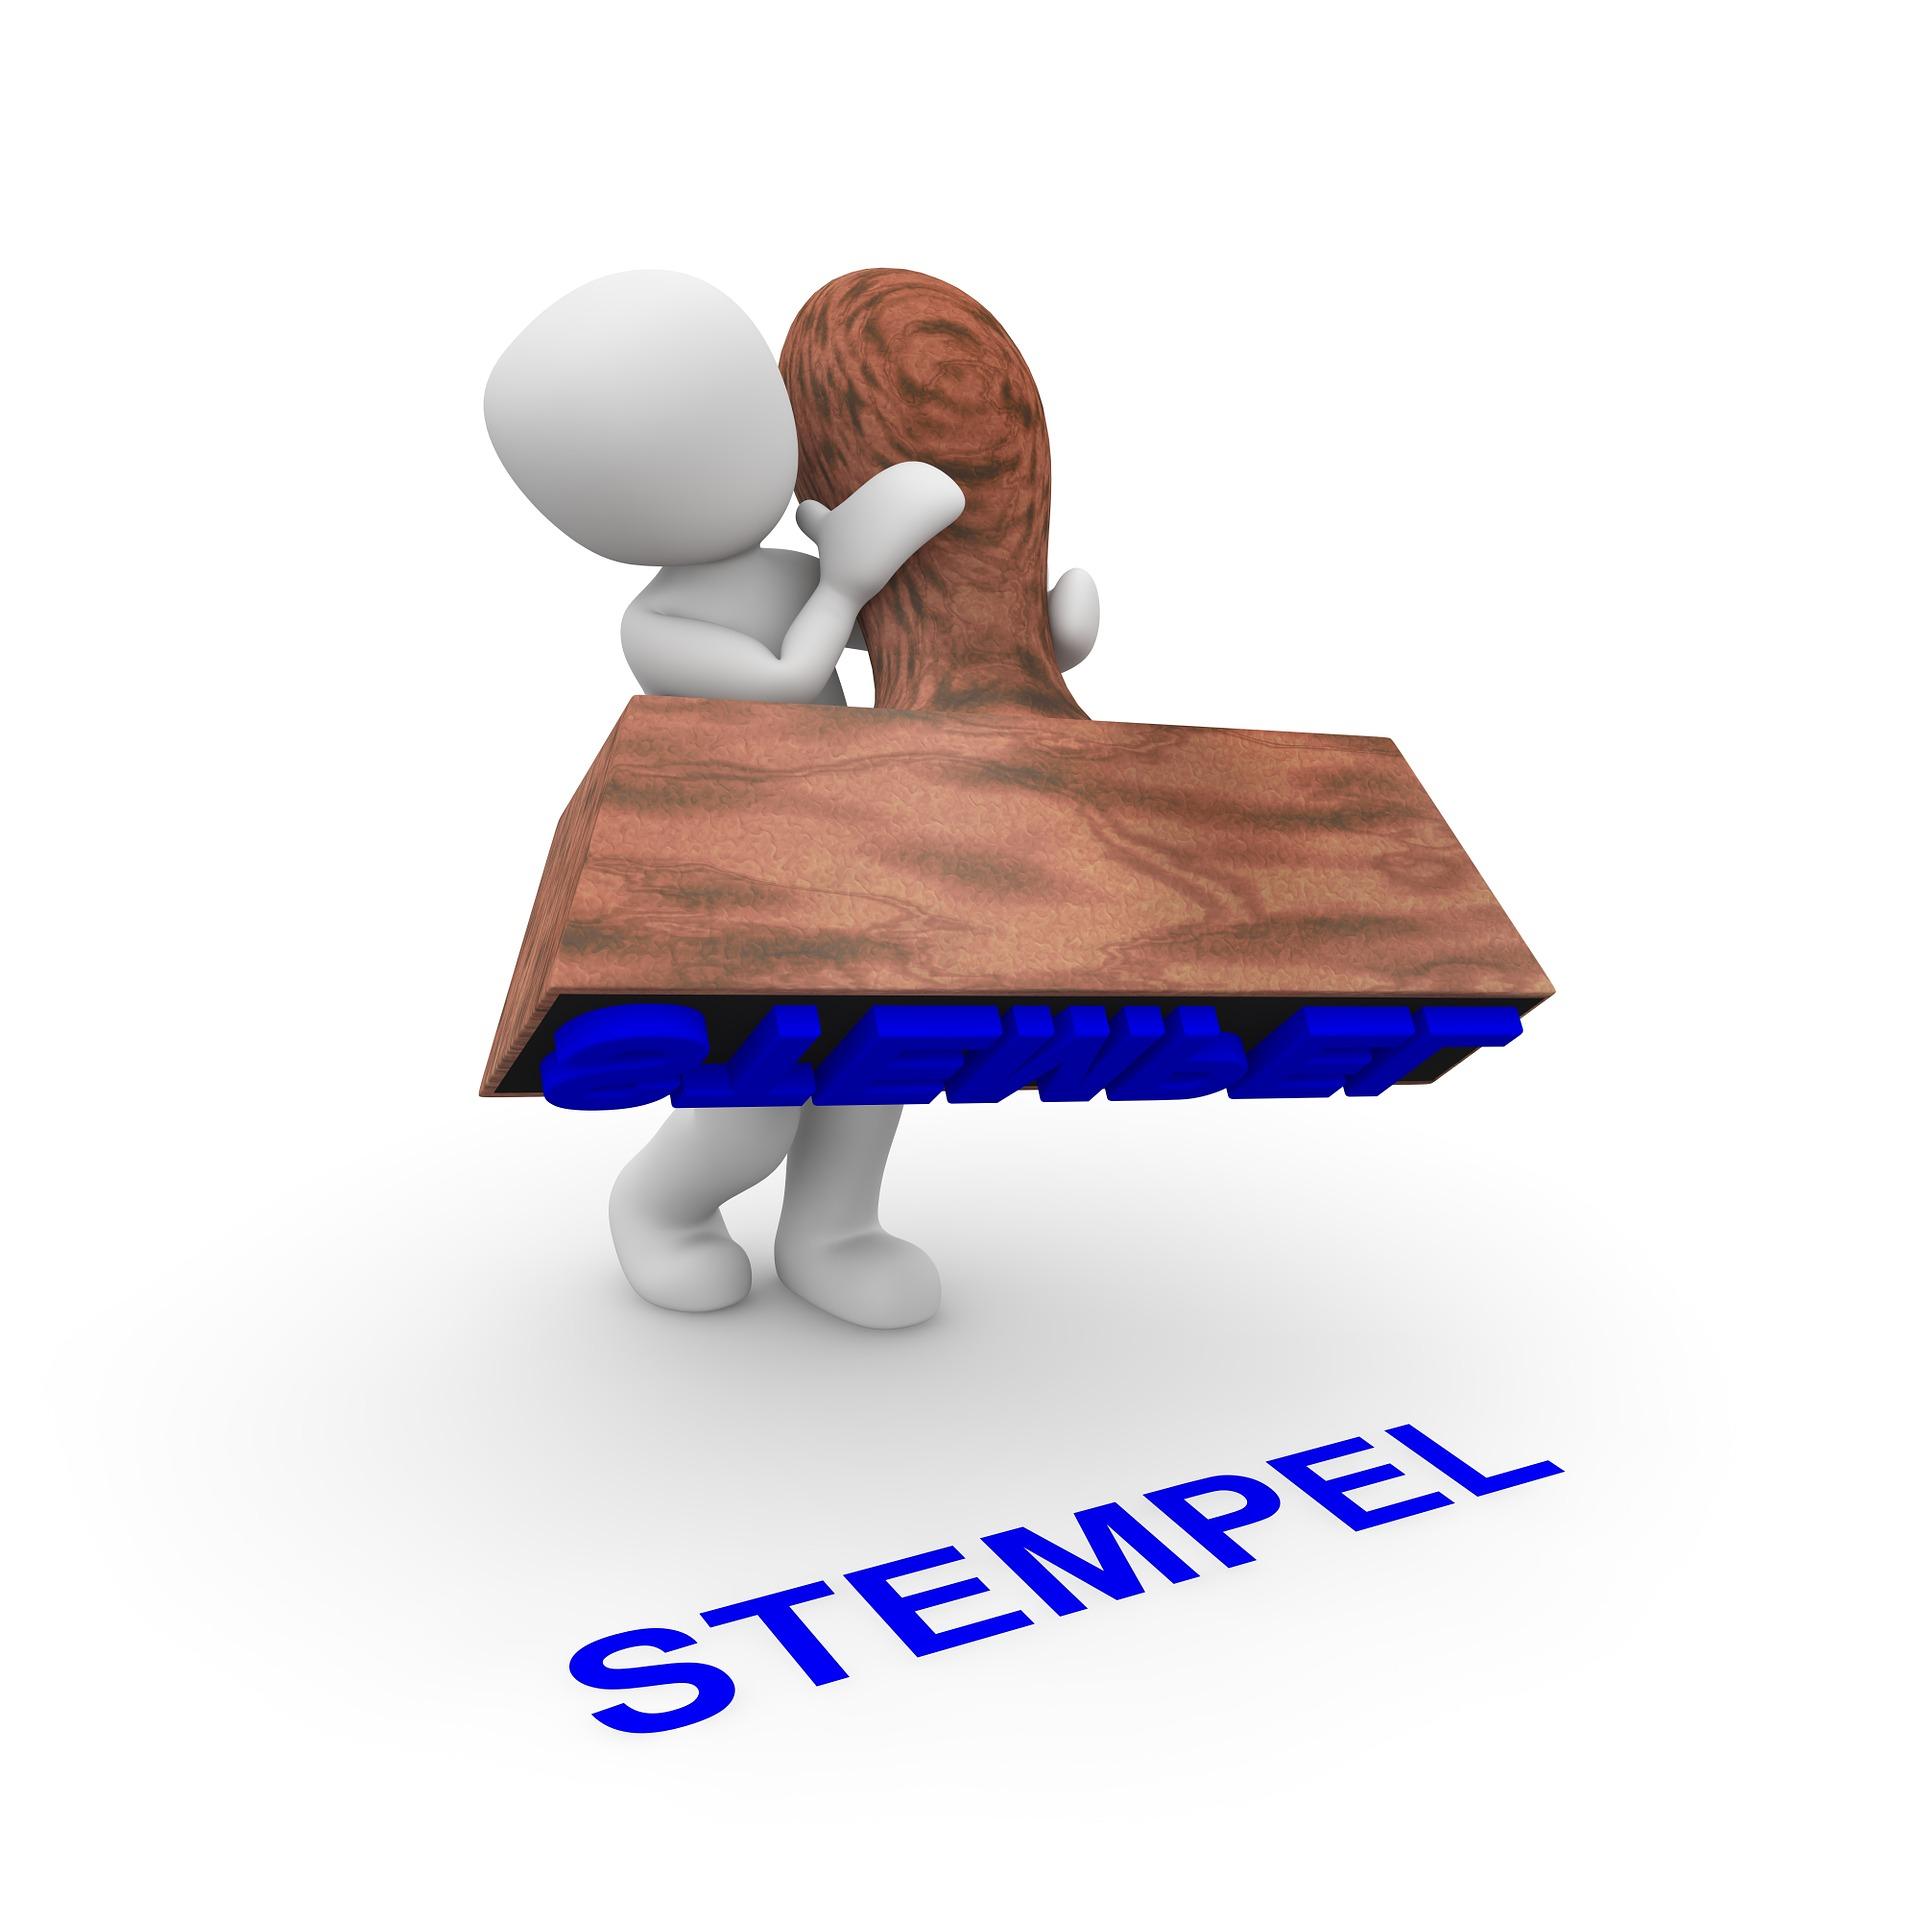 stamp-1015522_1920